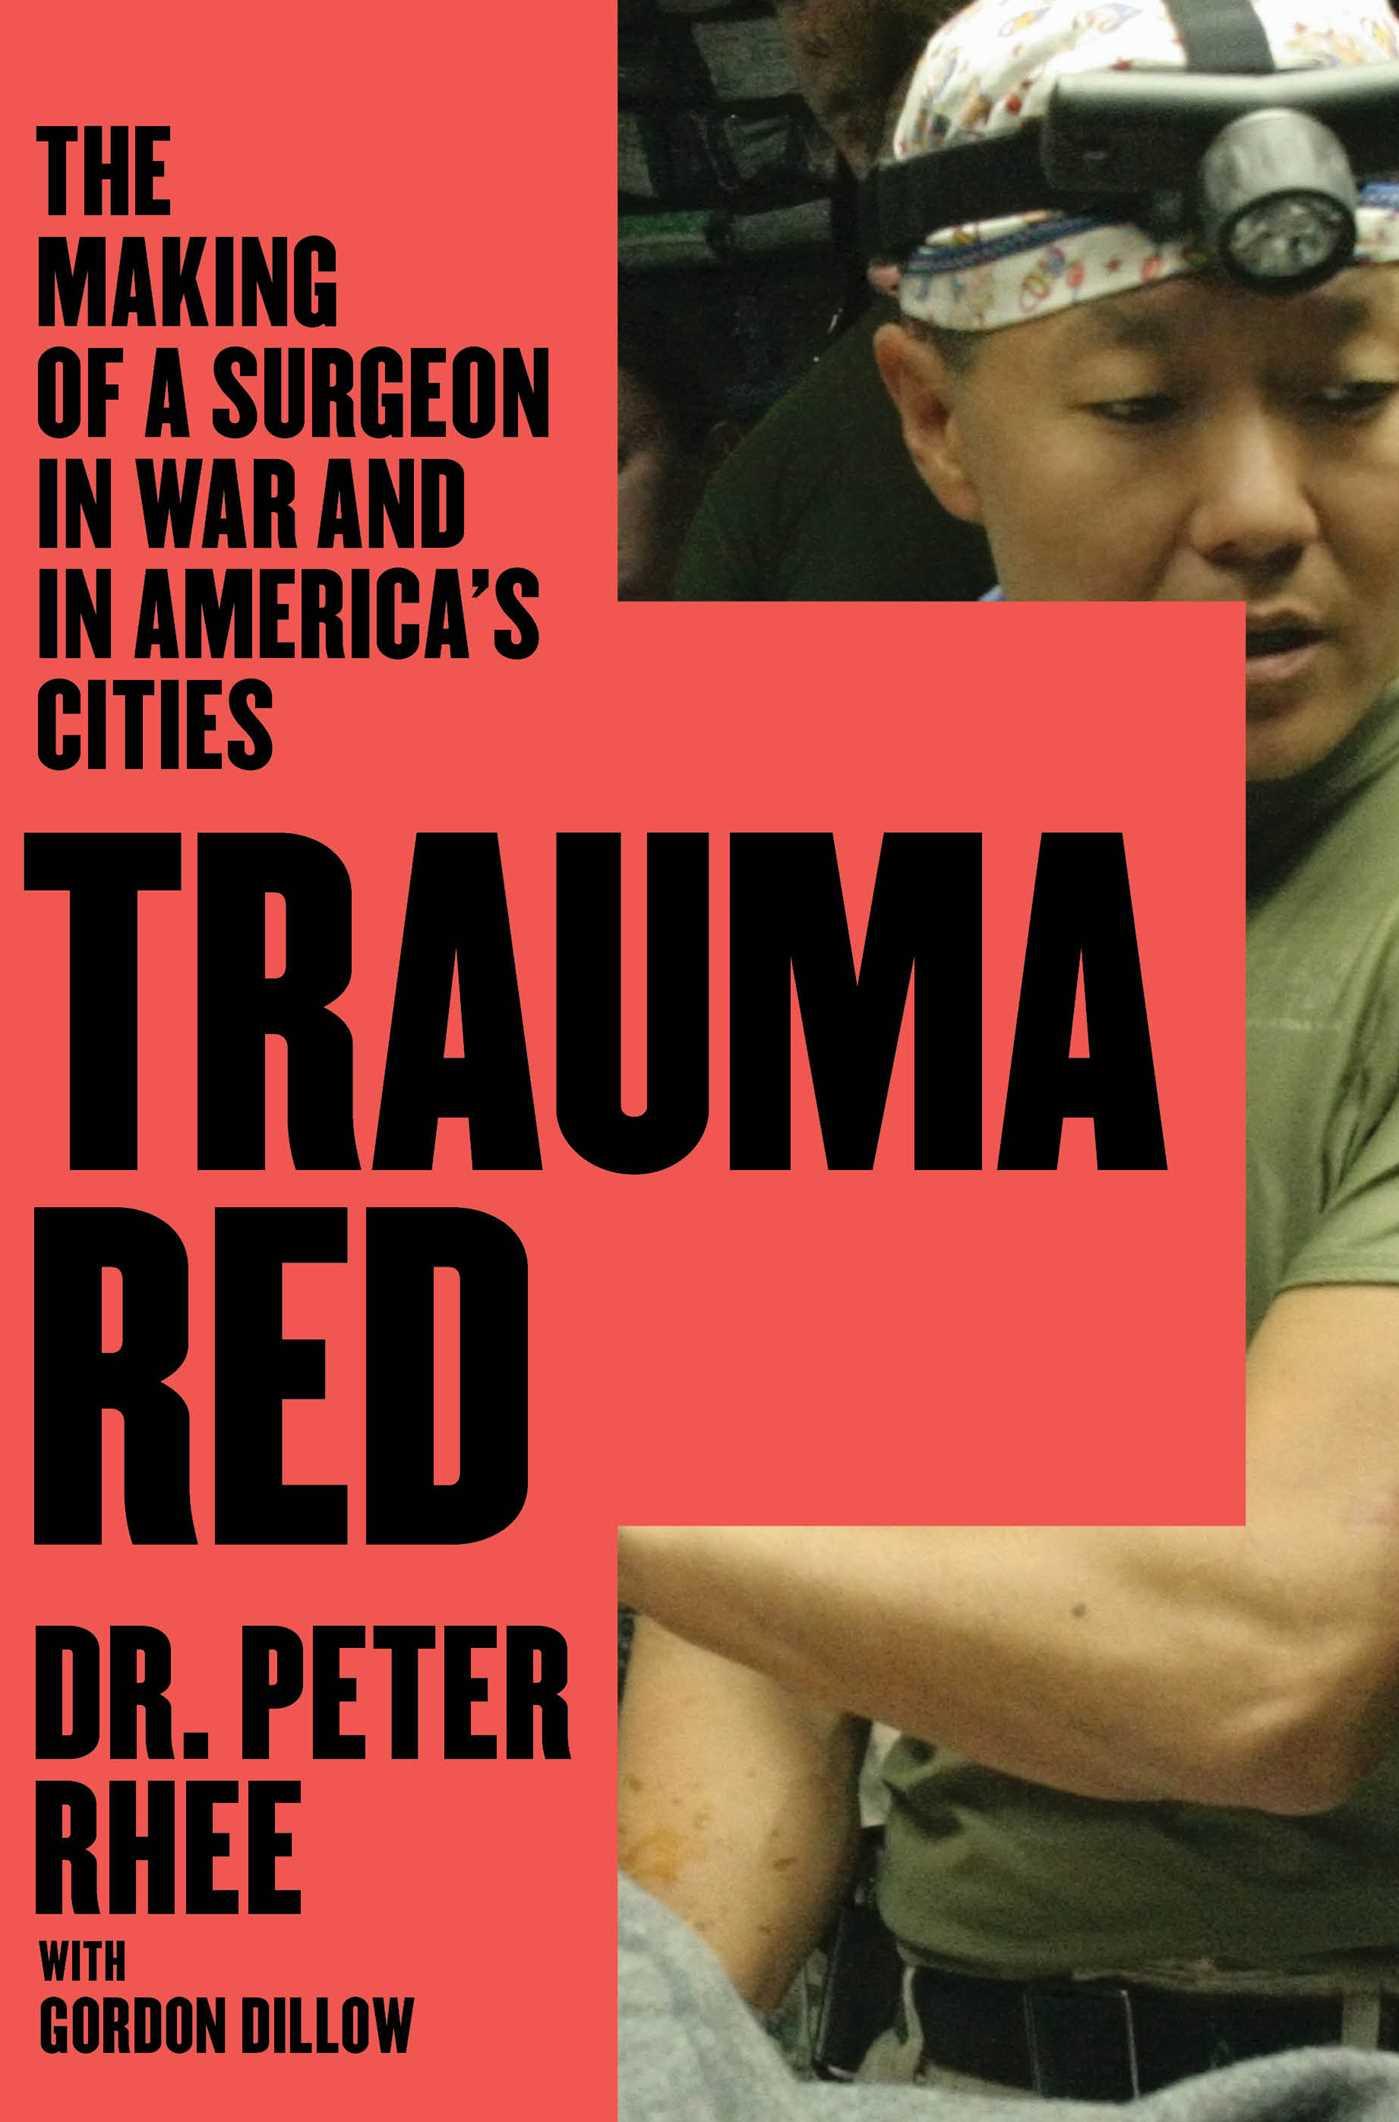 Trauma red 9781476727295 hr